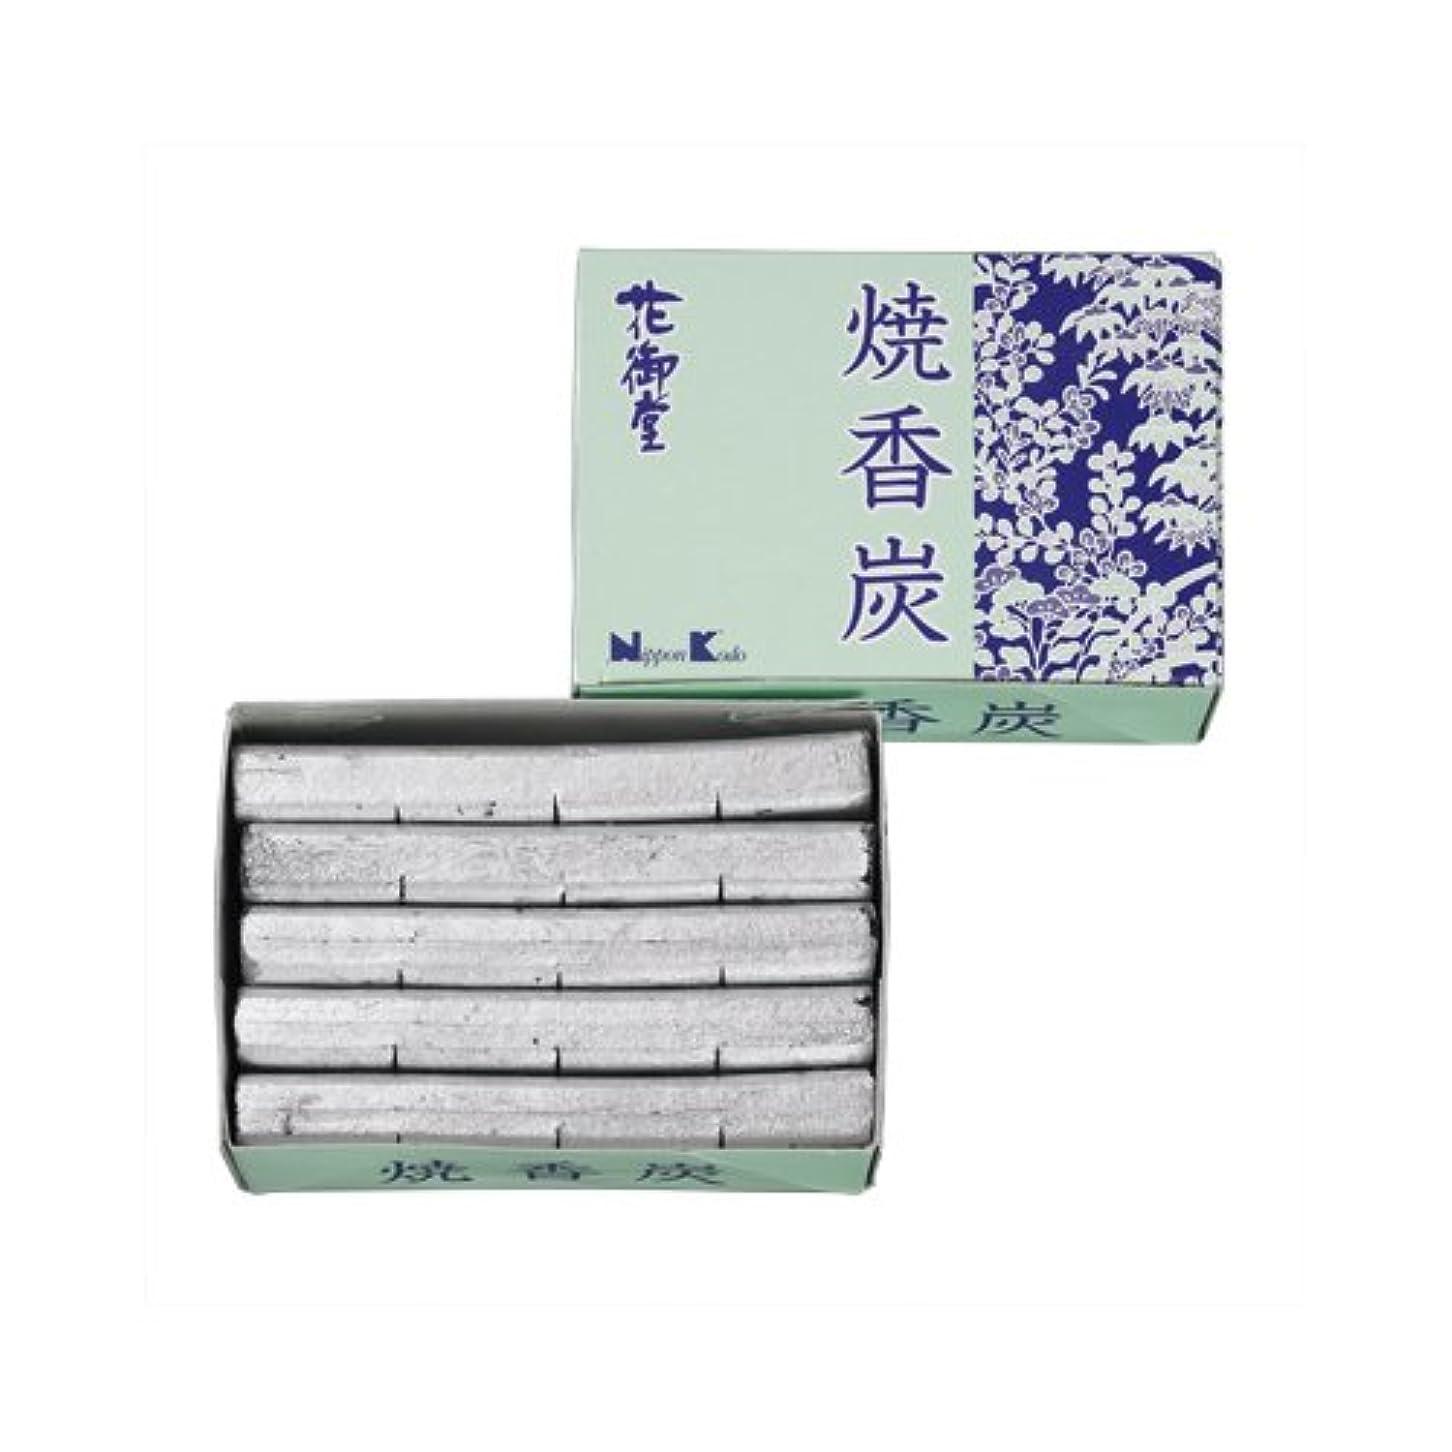 サイドボードマトリックススキム花御堂 焼香炭 #92011